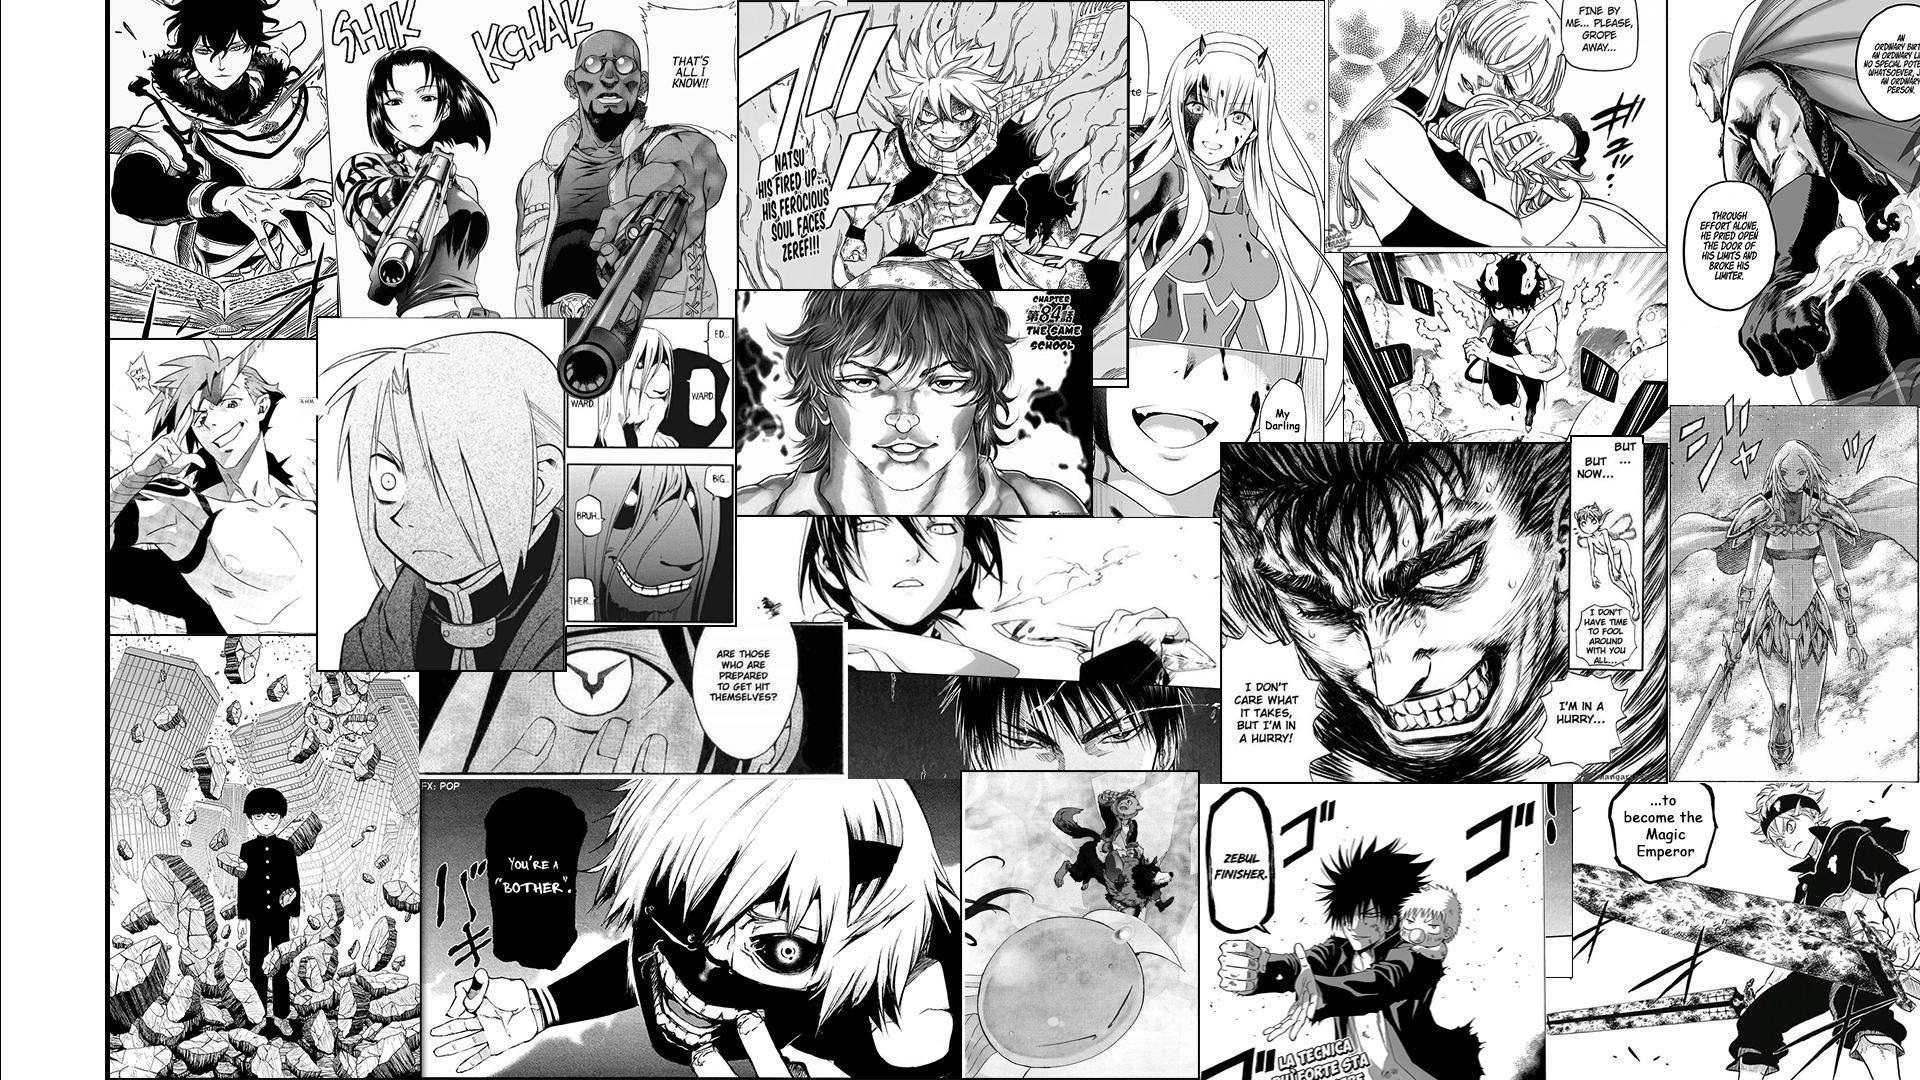 Anime Desktop Wallpaper 2 by C-simz on